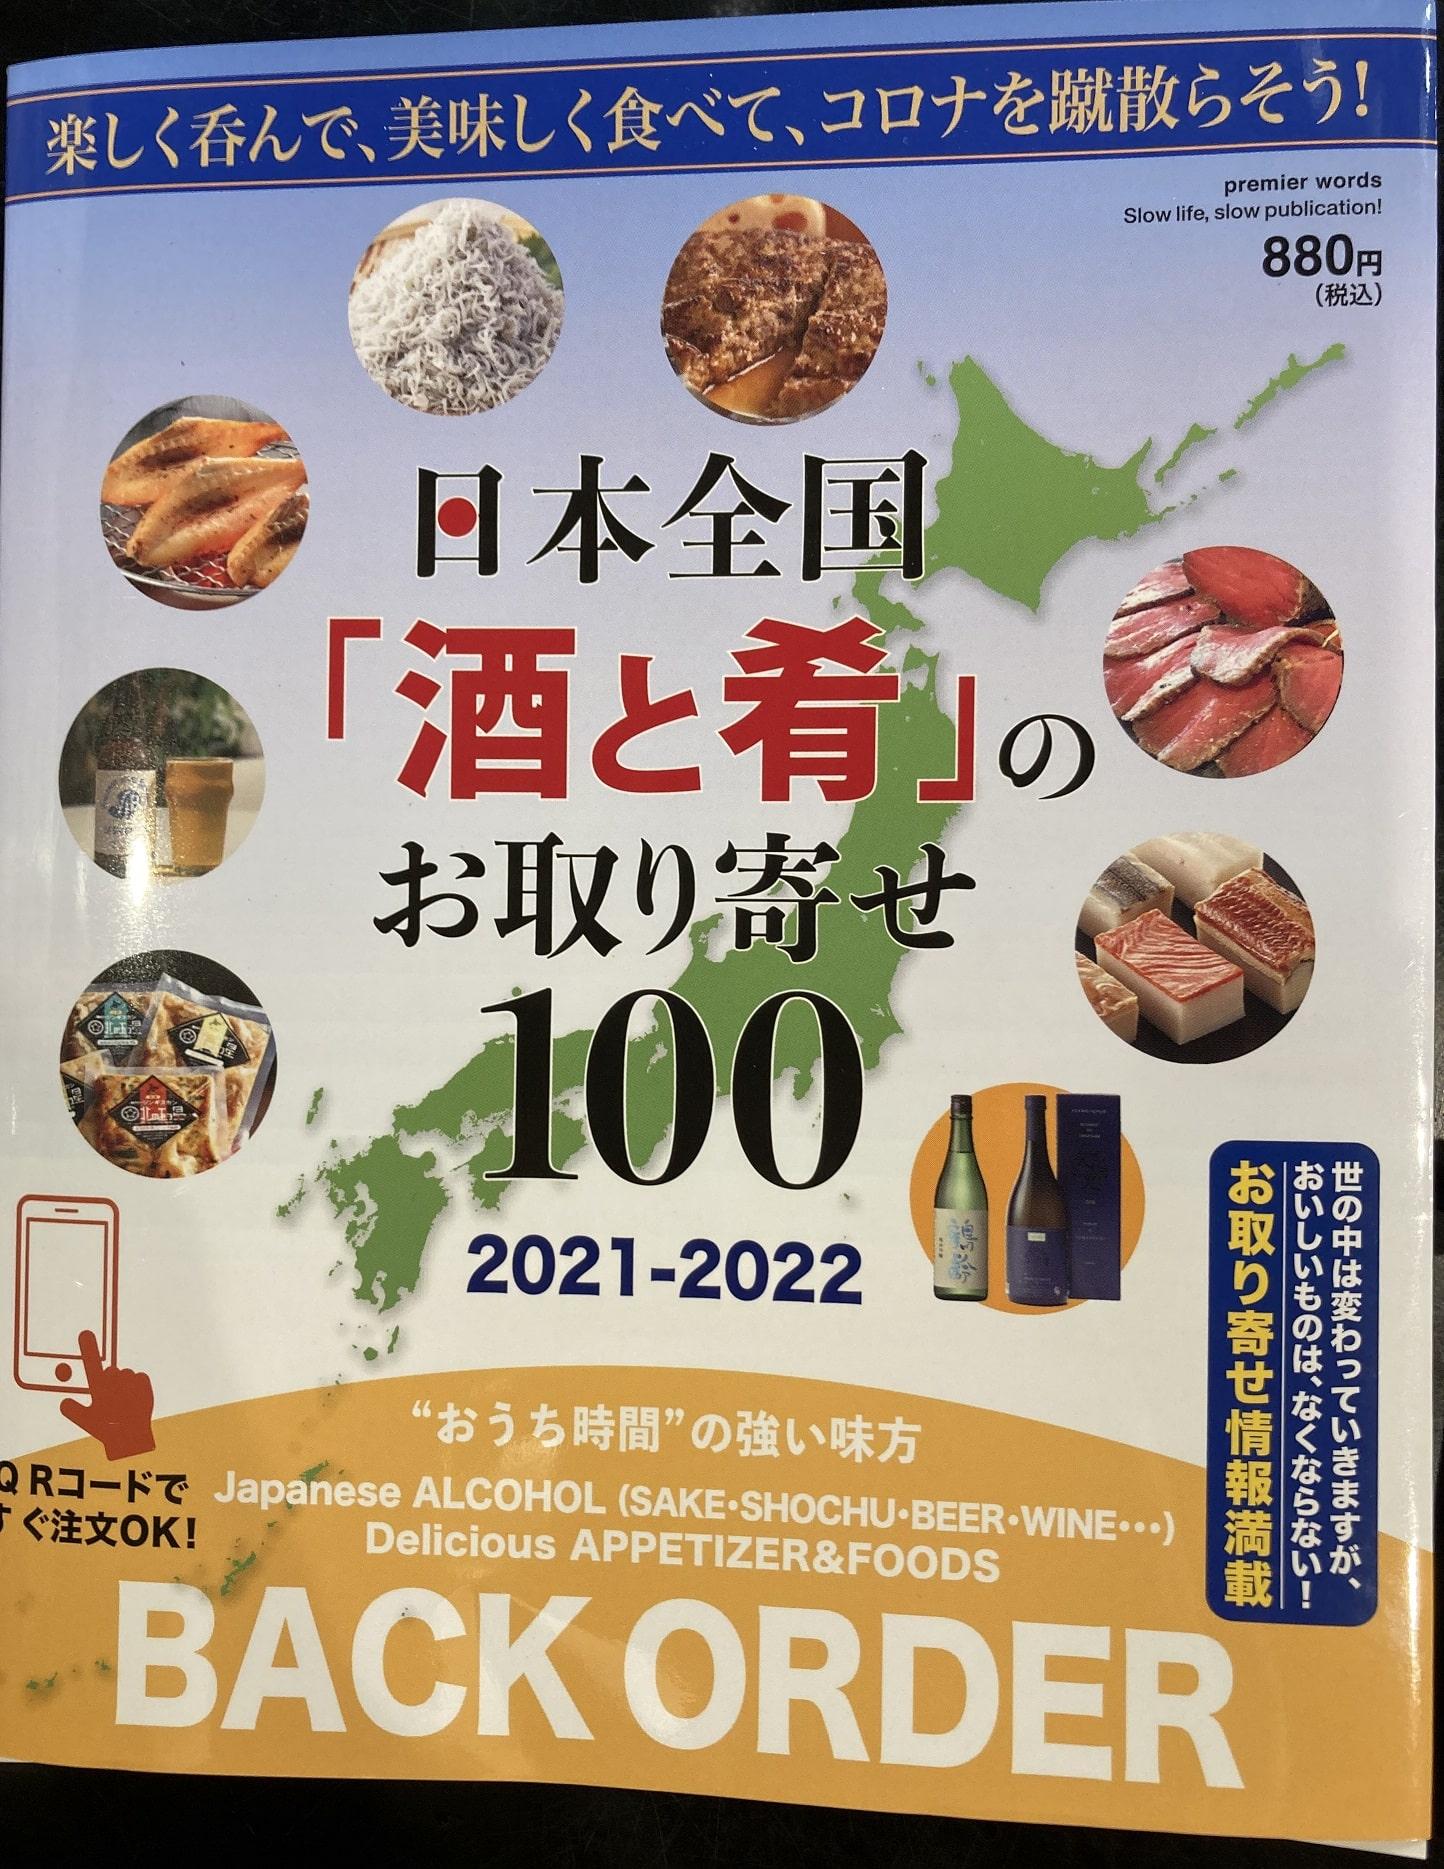 日本全国「酒と肴」のお取り寄せ100 京都鳳焼売掲載